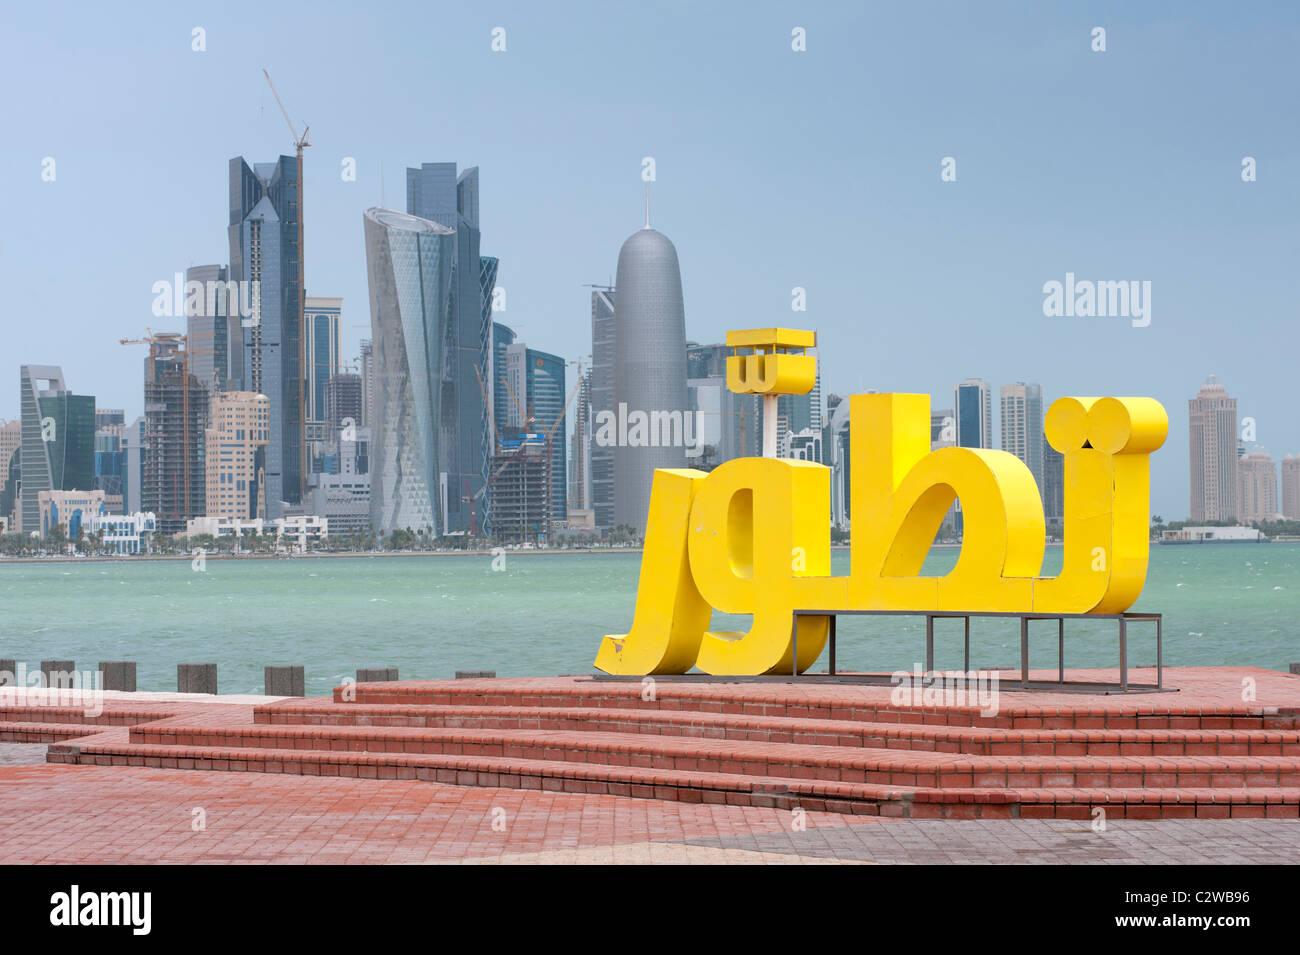 Vista desde la Corniche para torres de oficinas en el distrito de negocios en Doha (Qatar) Imagen De Stock